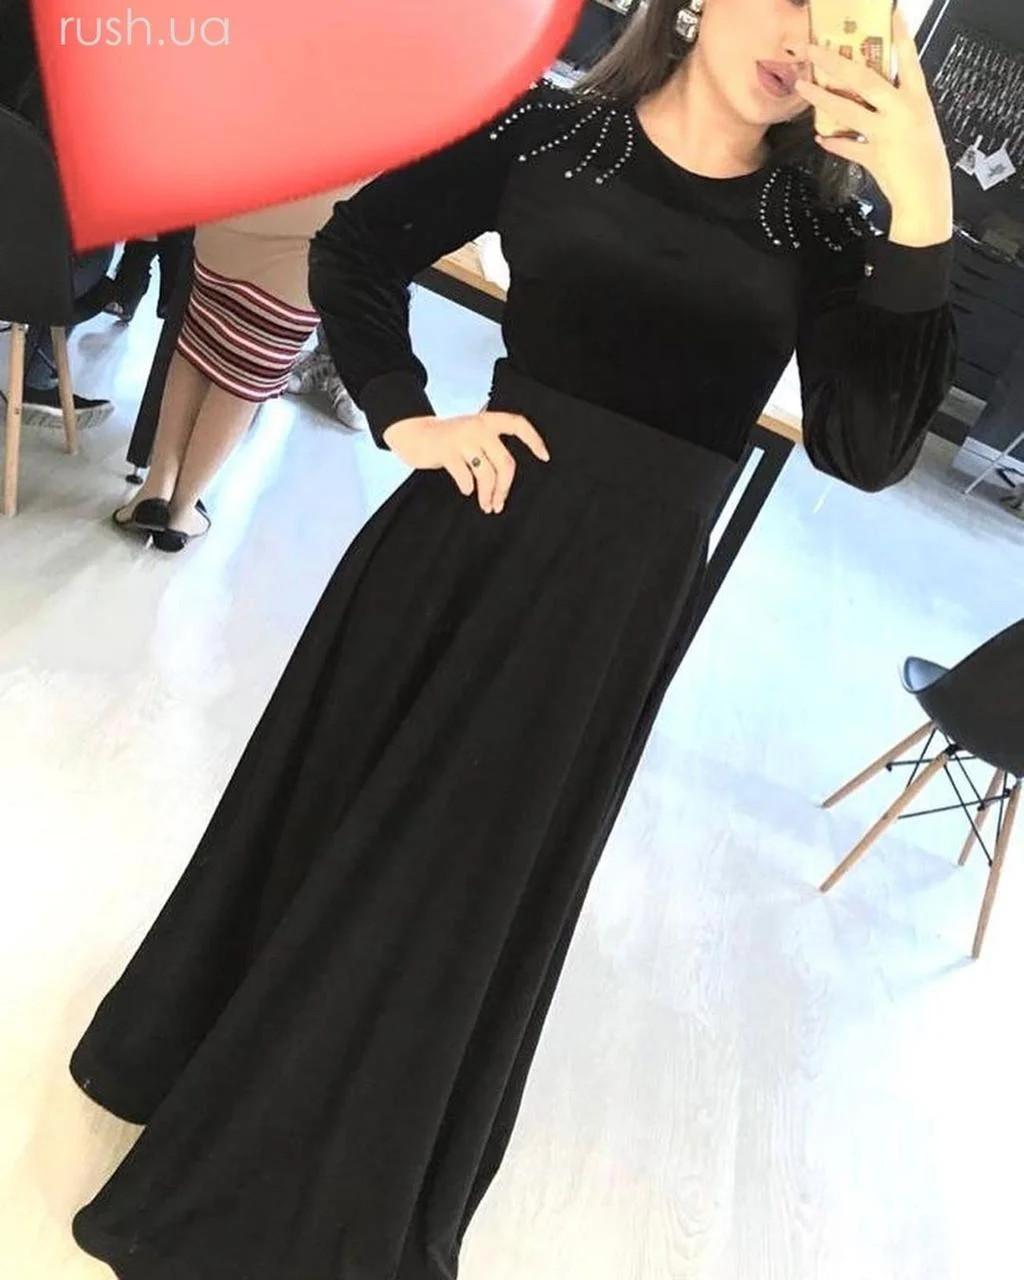 Женская трикотажная юбка макси